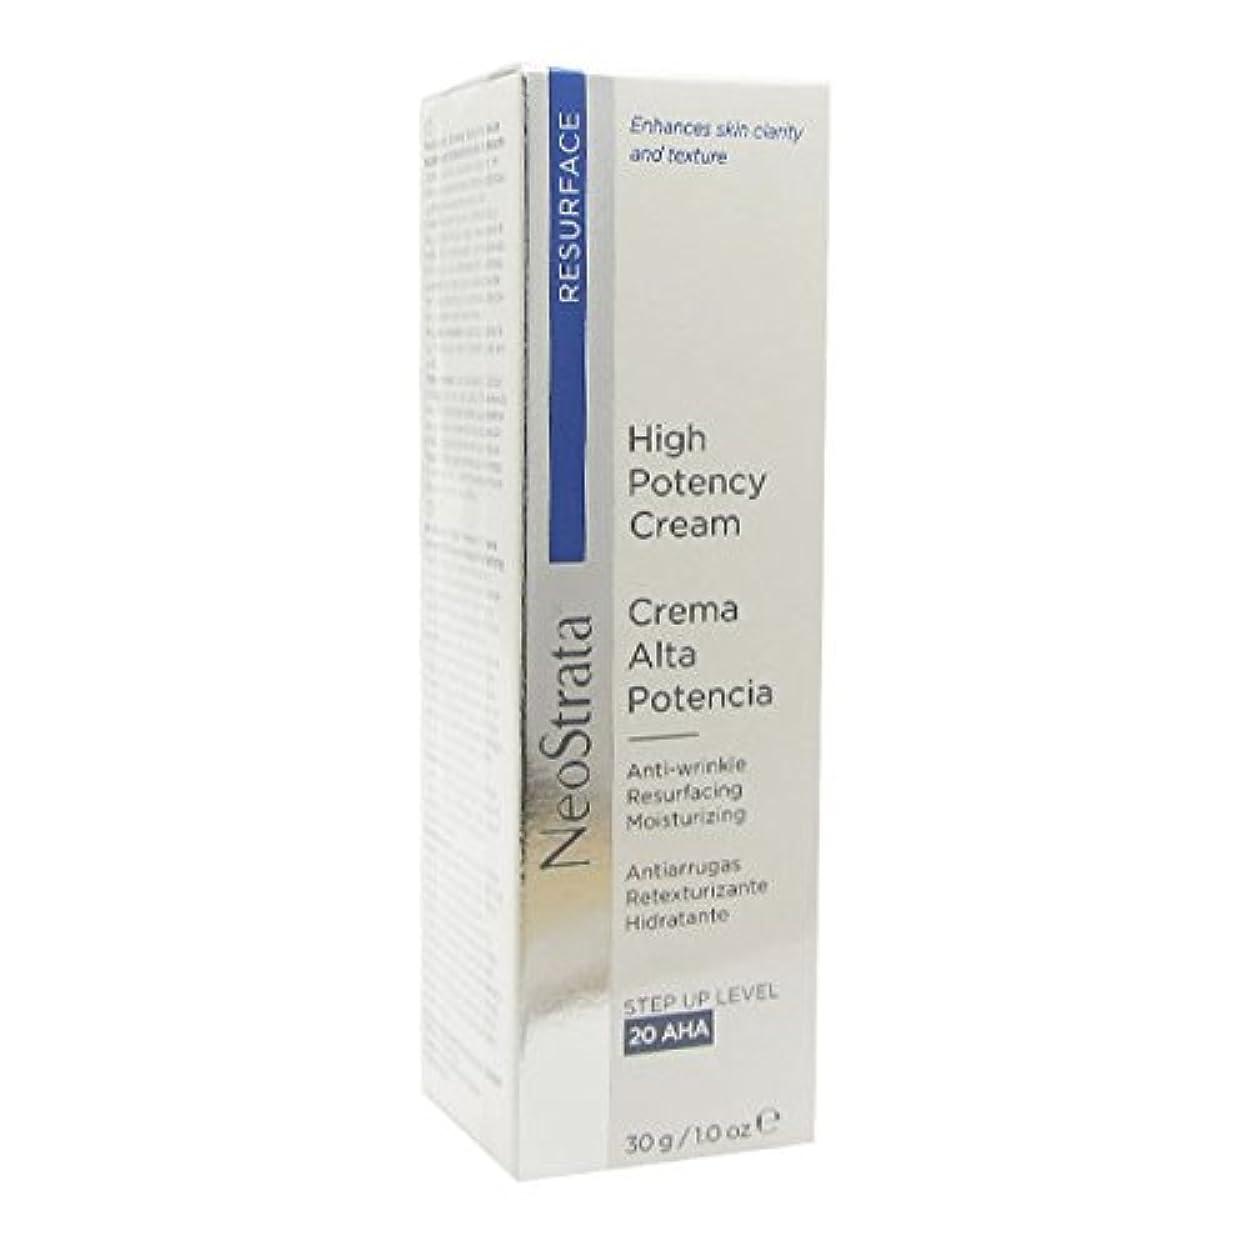 名目上のシリンダー効率的にNeostrata High Potency Cream Anti-wrinkle Resurfacing Moisturizing 30g [並行輸入品]